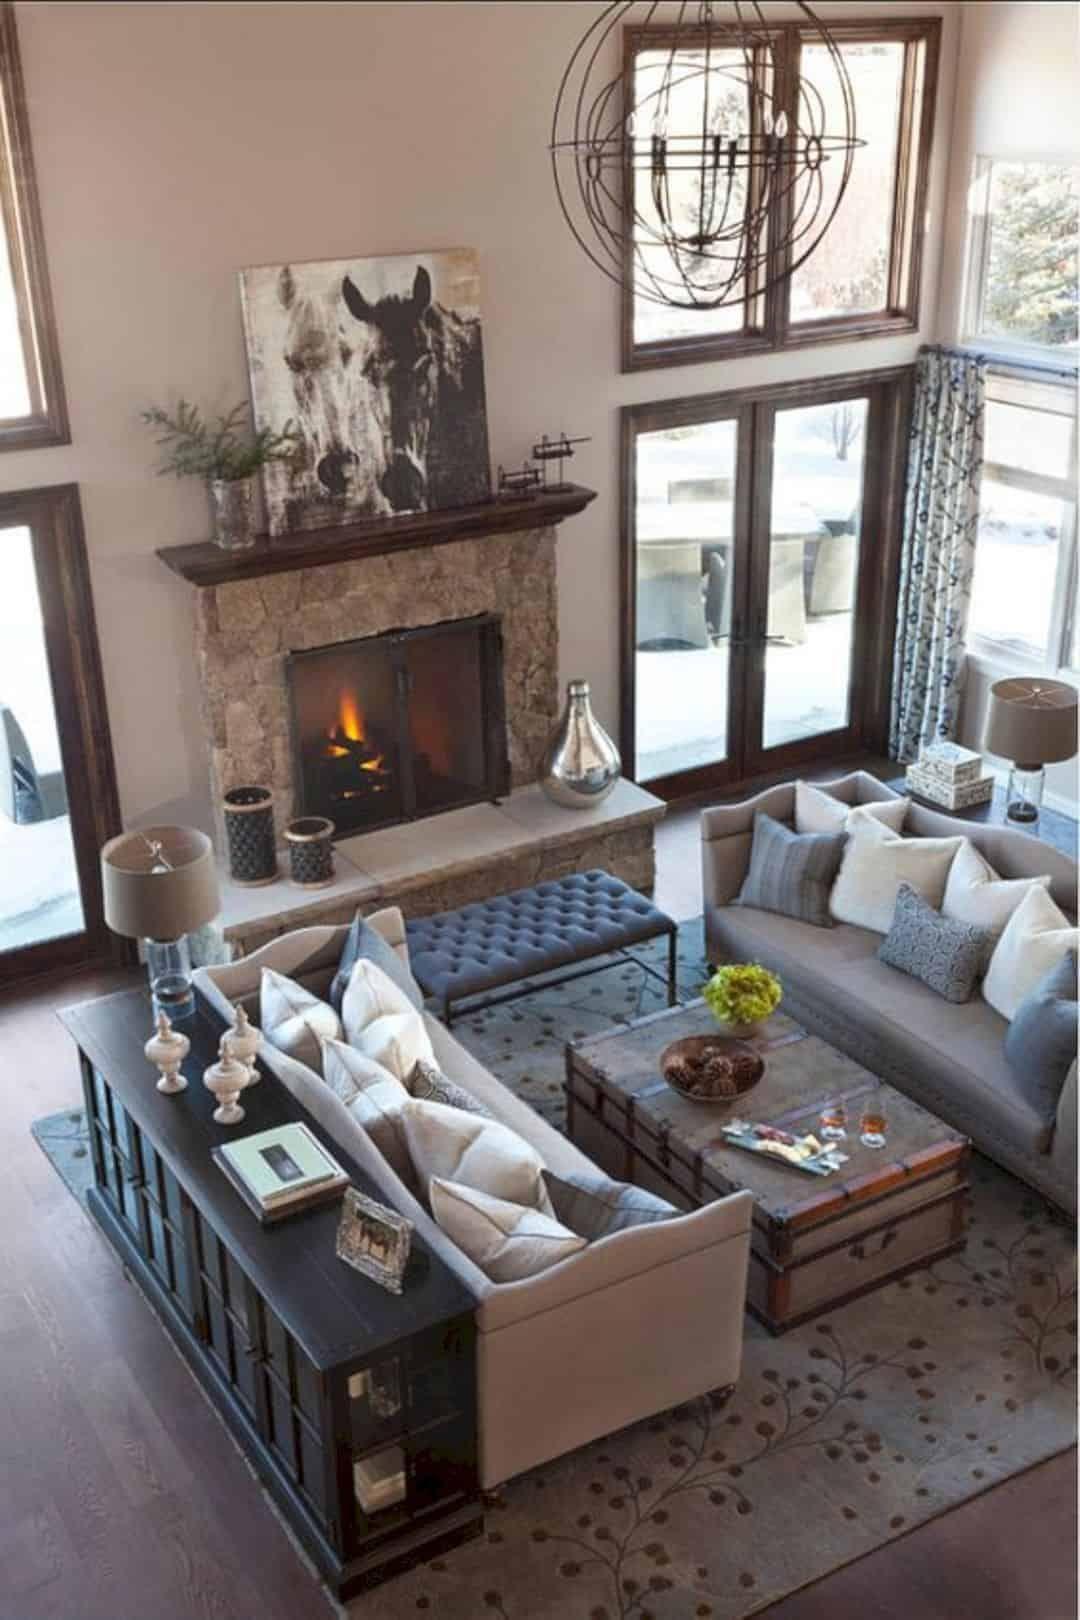 16 Brilliant Furniture Arrangement Ideas in 2020